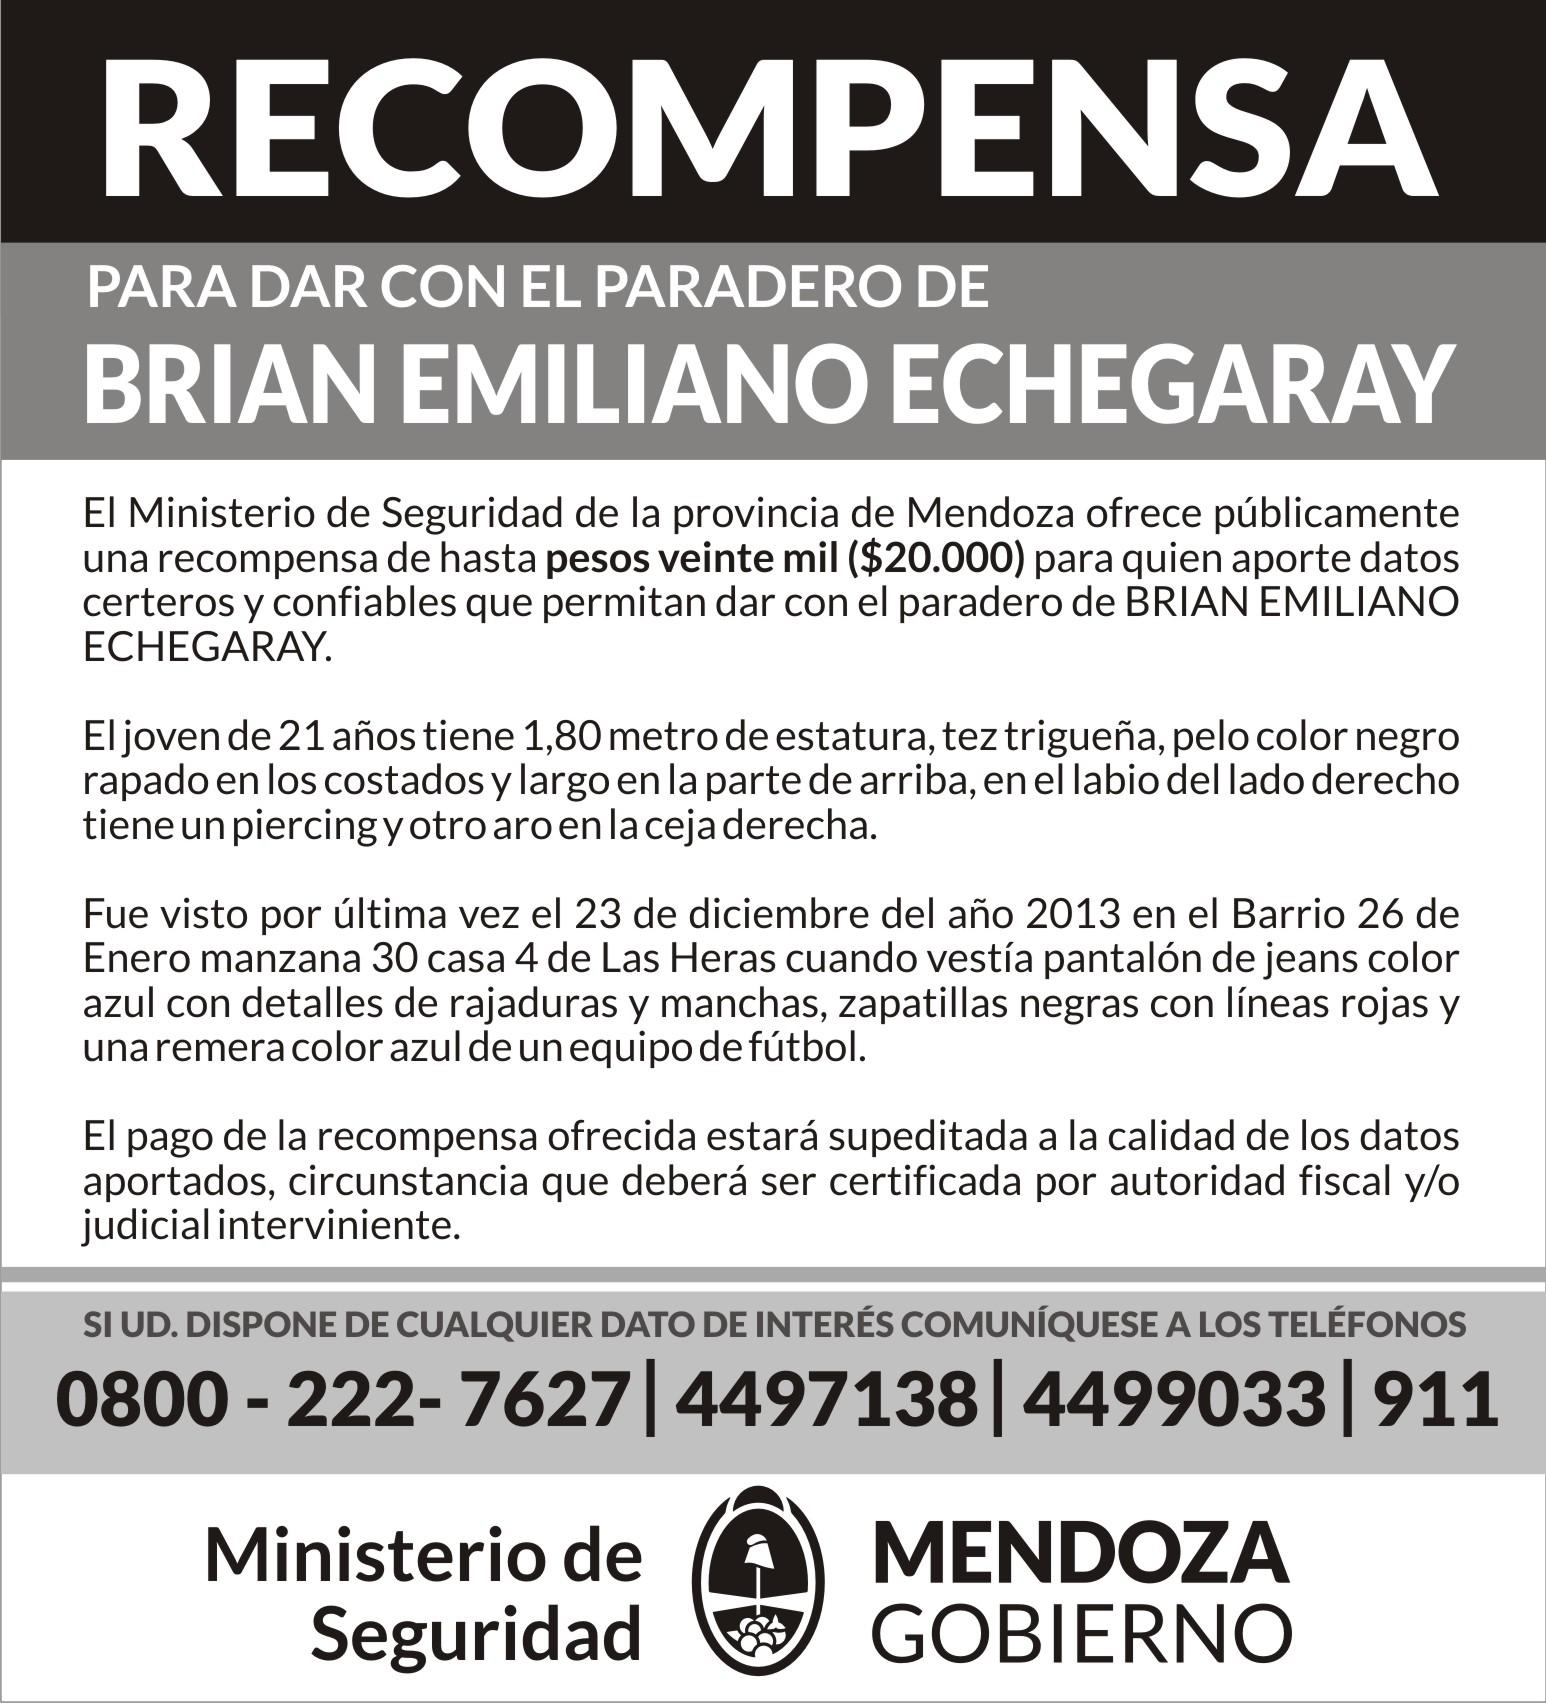 recompensa_ECHEGARAY_LOS_ANDES_3x4